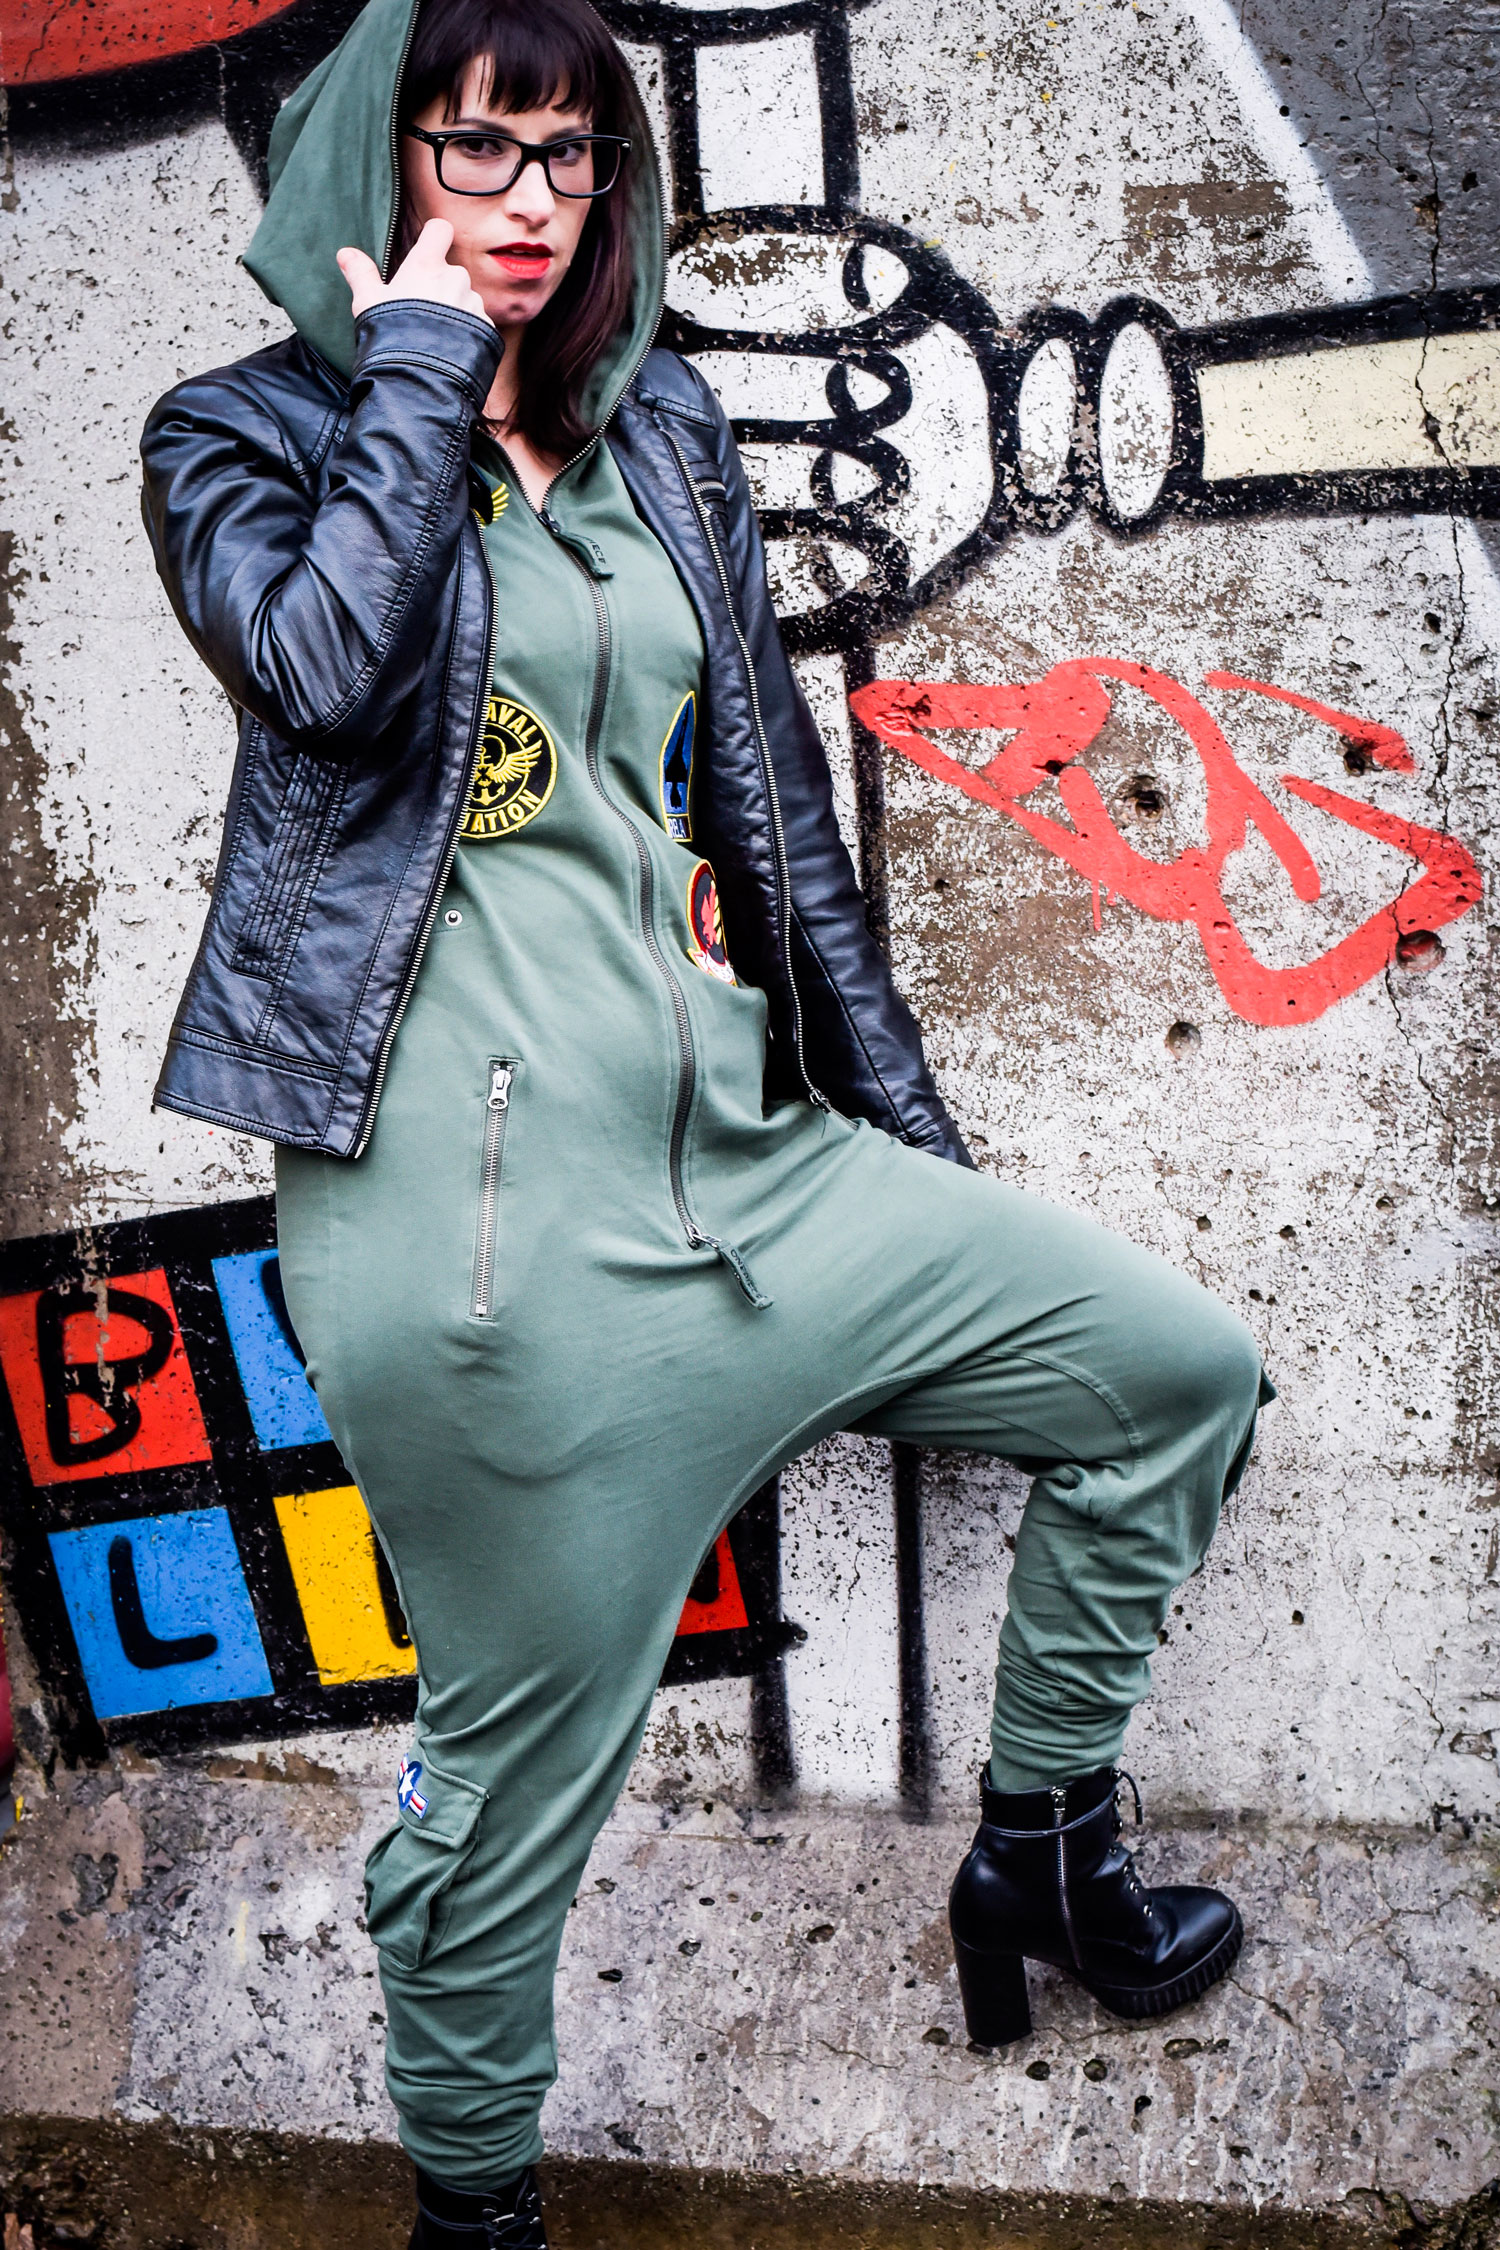 Jumpsuite von Onepiece, Tweety Tasche von Zara, Lederjacke von Only, Schnürstiefel von Guess